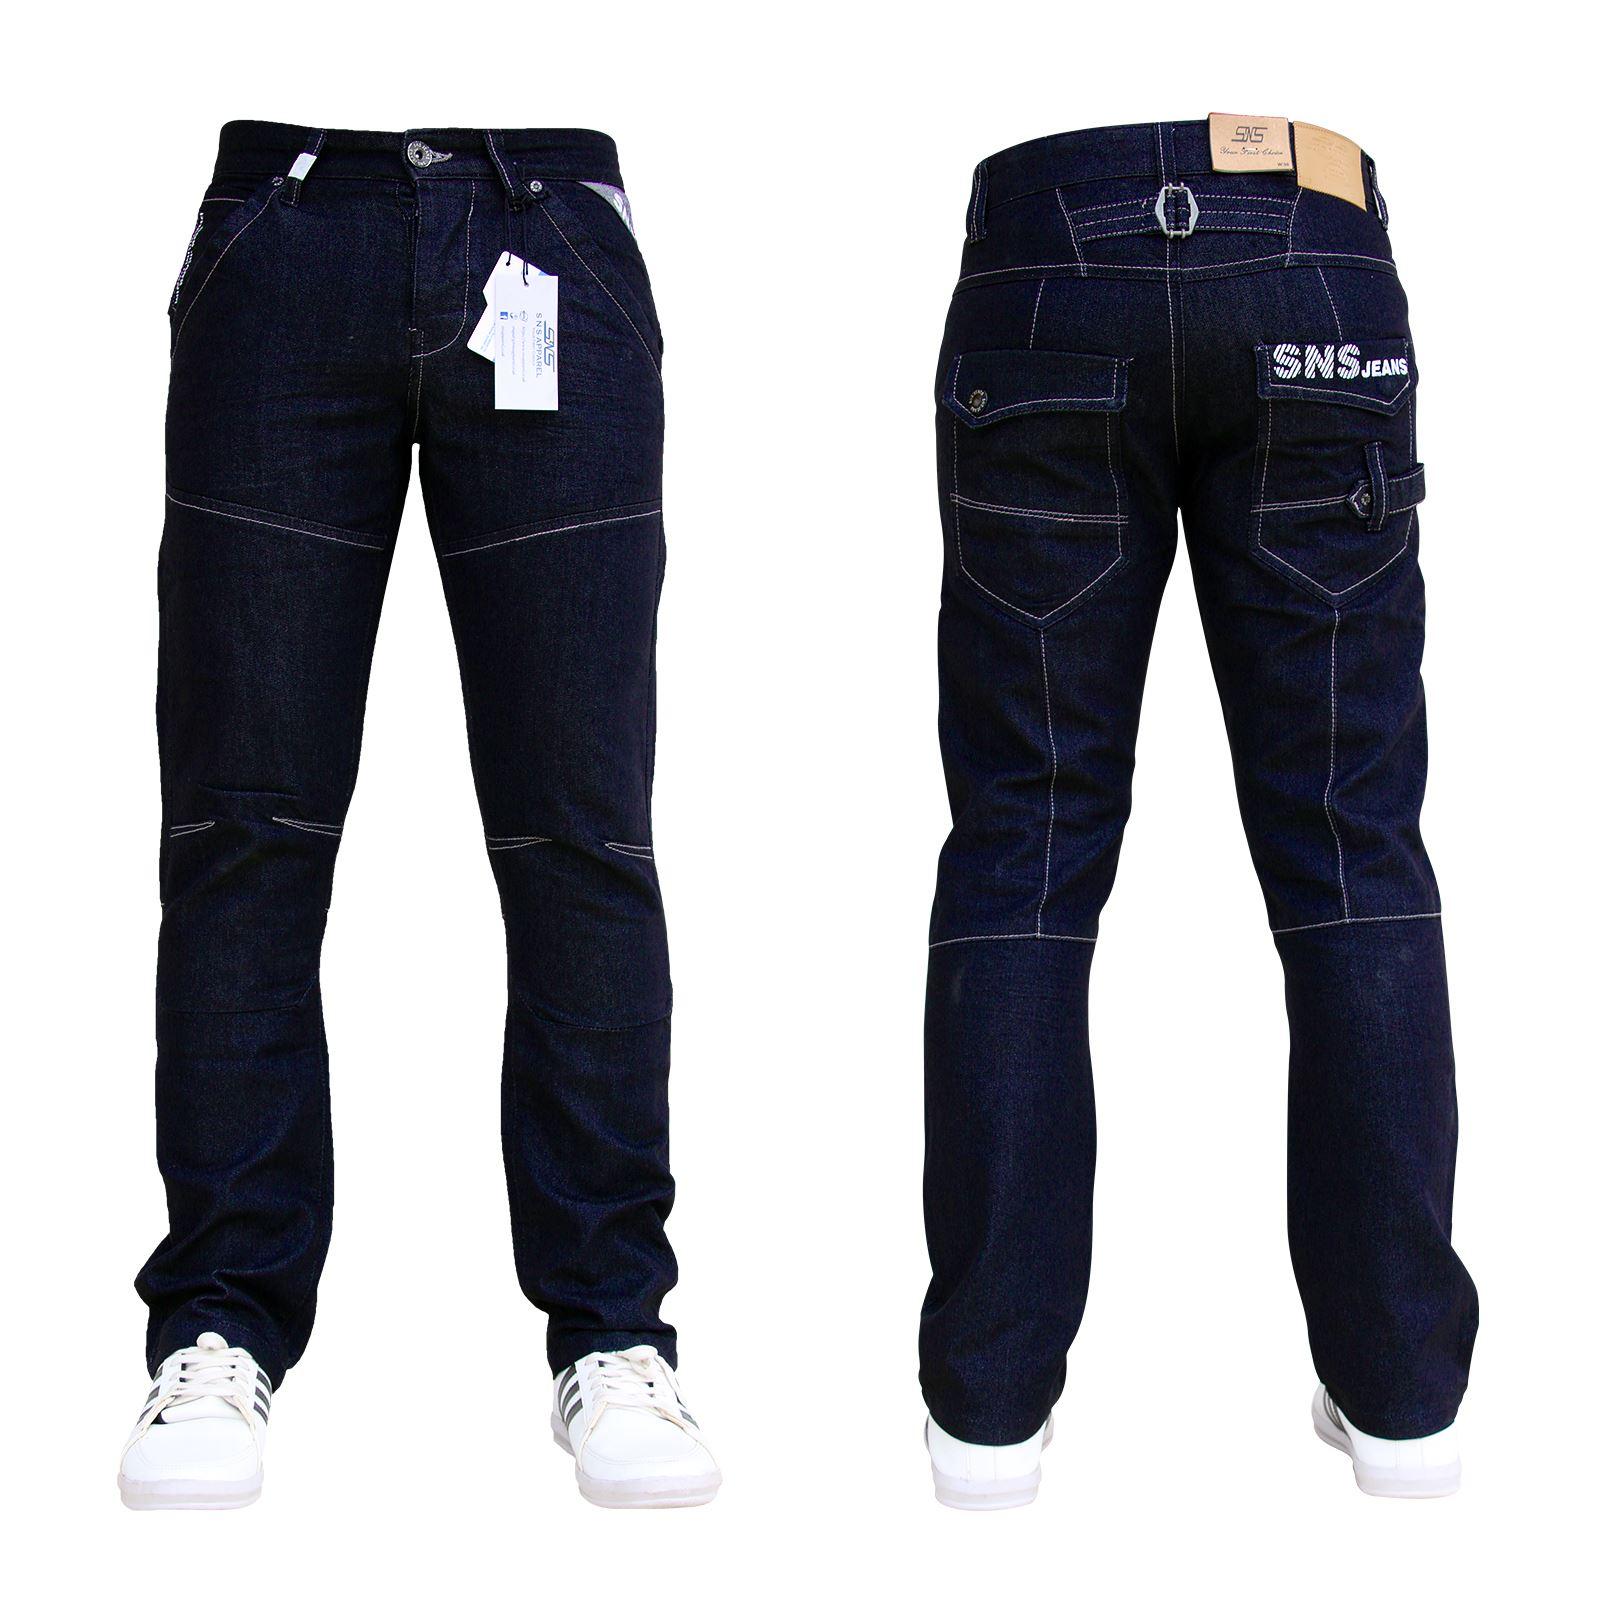 BNWT Nuovo Da Uomo Sns Jeans in Denim Blu Di Marca Dritto Tutte Le Taglie Vita E